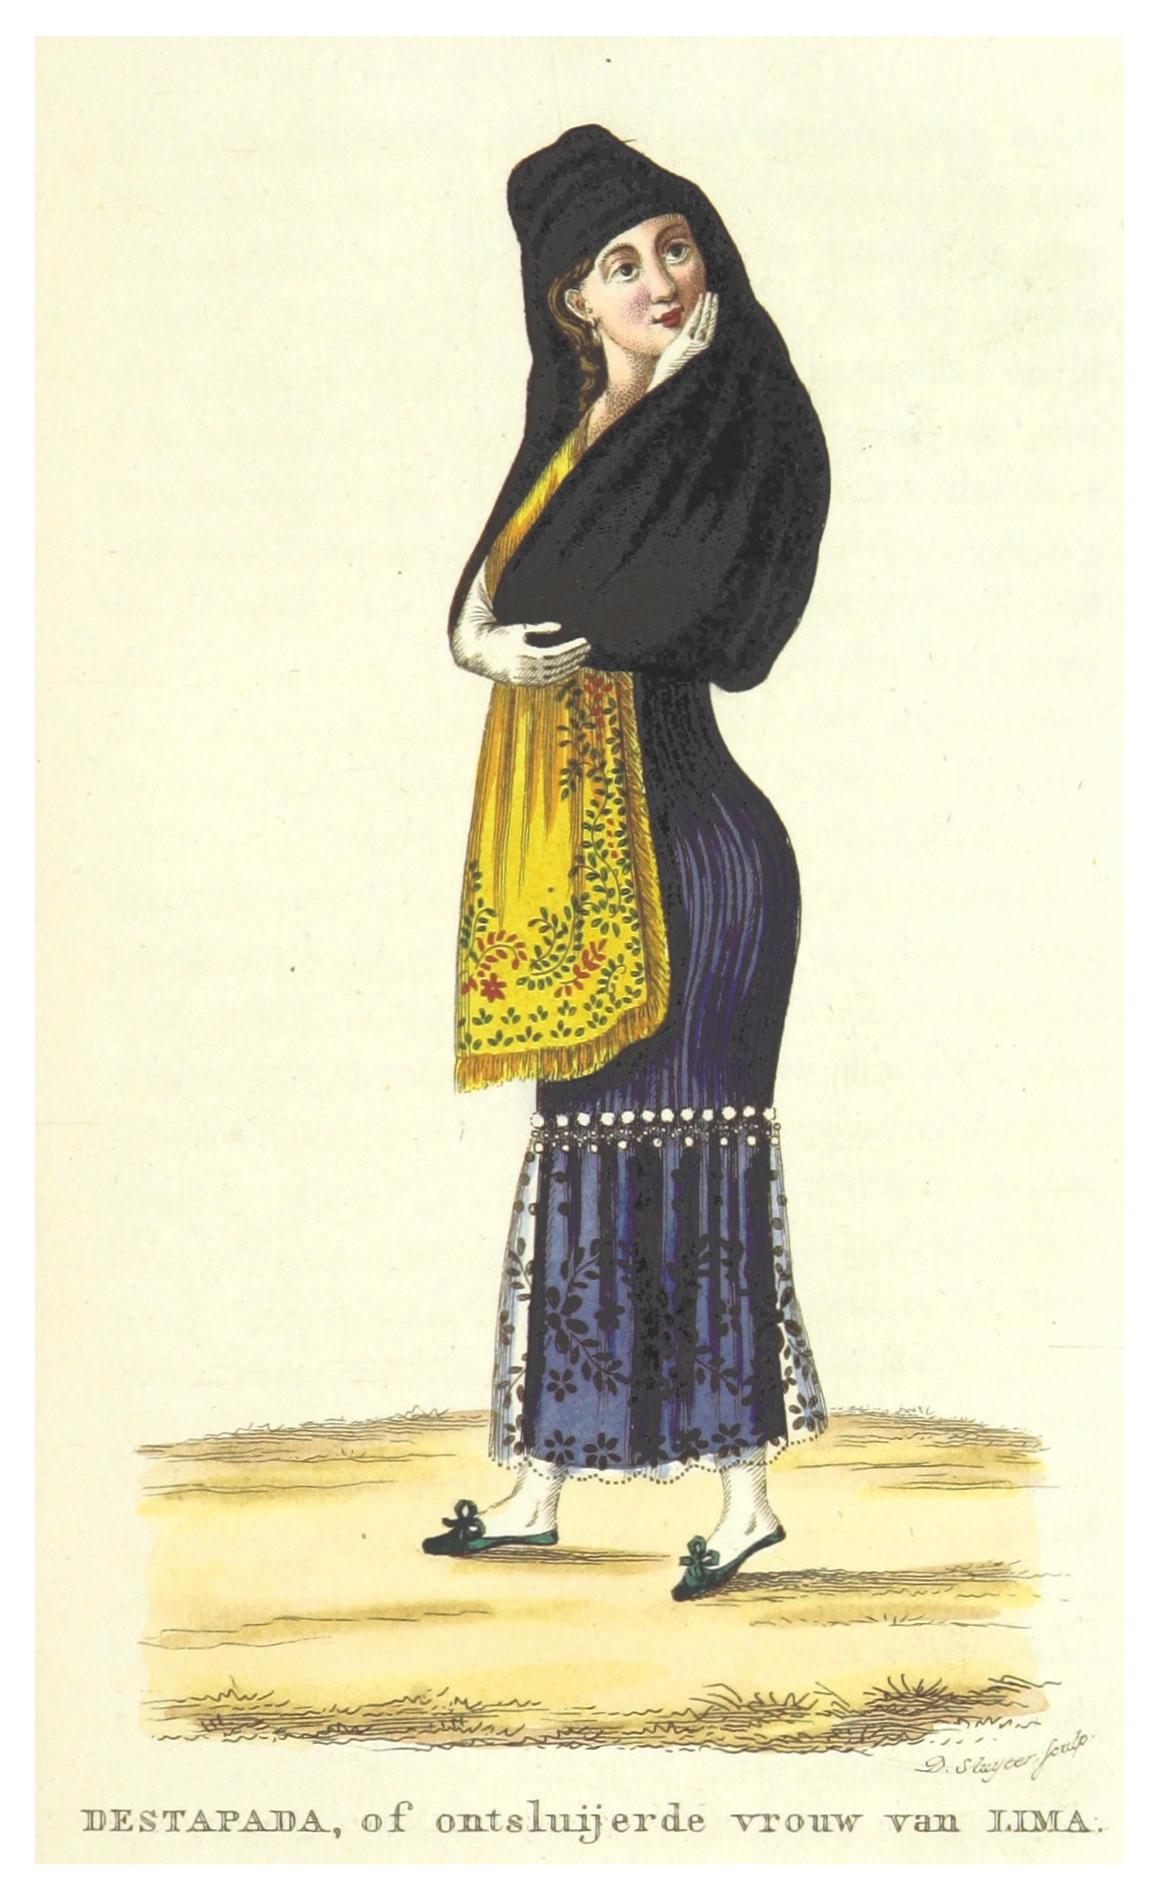 Archivo:BOELEN(1835) T2 p307 DESTAPADA, VROUW VAN LIMA.jpg - Wikipedia, la enciclopedia  libre